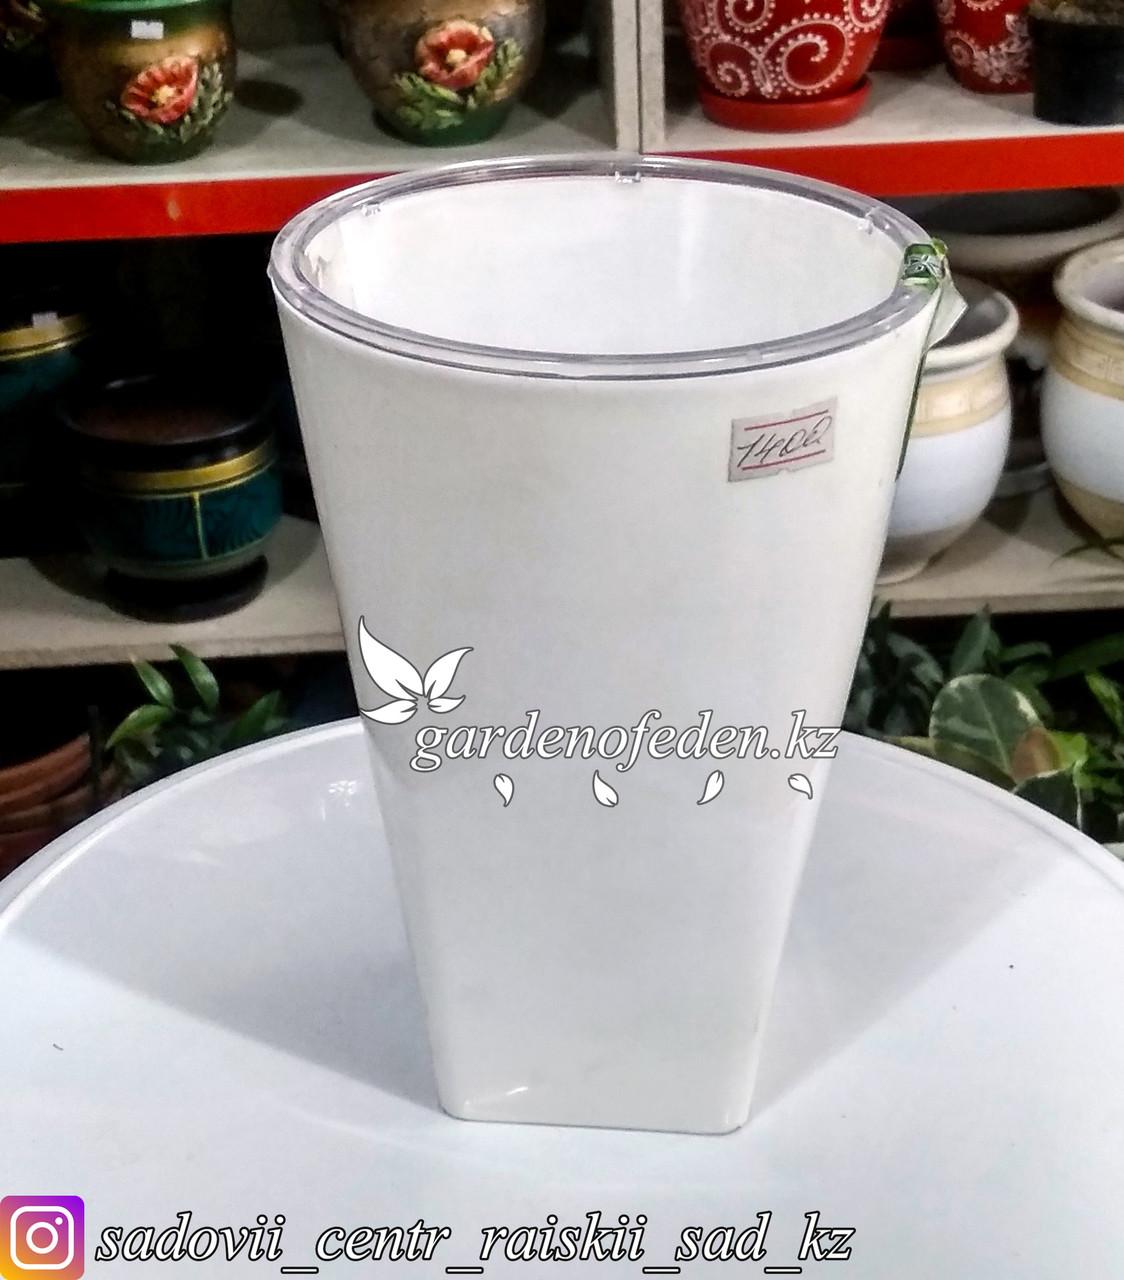 Пластиковое кашпо для цветов с авто (фетильным) поливом. Объем: 1.3л. Цвет: Белый.